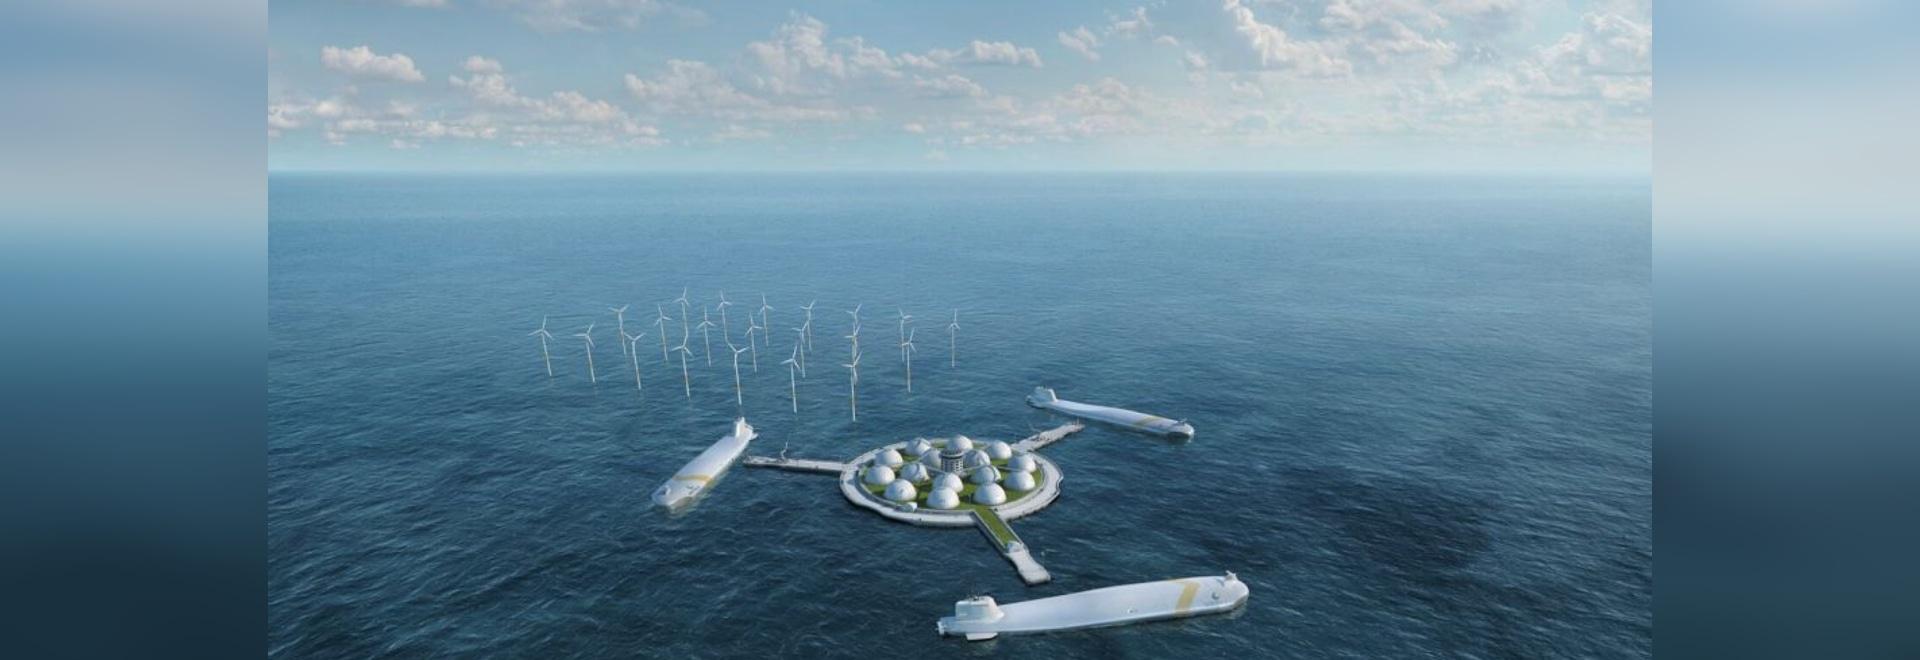 Neuer Schreiner Gives Financial Boost zu einem Seeautonomen Verschiffen Alliance